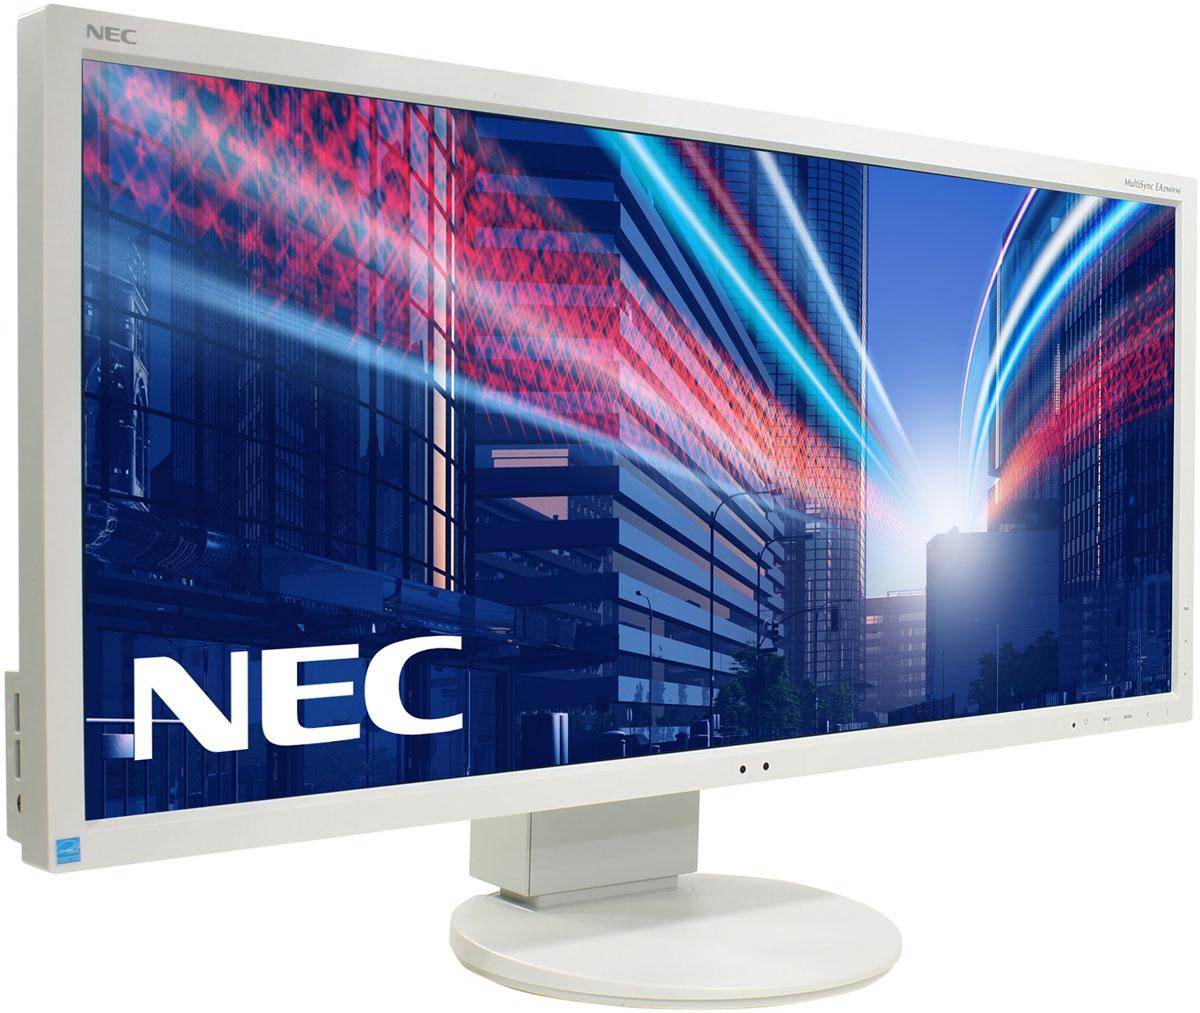 NEC EA294WMi, White монитор60003415Модель NEC EA294WMi обладает очень тонкой 29-дюймовой панелью 21:9 с разрешением 2560x1080, а также со светодиодной подсветкой и IPS-технологией, что обеспечивает ультрасовременный и ультратонкий дизайн. Благодаря новому формату, соответствующему экранной установке из двух обычных 19-дюймовых экранов, данная модель является отличной альтернативой для любых многоэкранных установок. Датчик внешней освещенности и датчик присутствия являются характеристиками, соответствующими экологичной концепции продукции, кроме того, данная модель обладает улучшенными эргономическими характеристиками, например, механизмом регулирования высоты до 130 мм. Новая характеристика Control Sync обеспечивает синхронизацию мультимониторной настройки, а стандарт MHL (Mobile High Definition Link) предоставляет прямую связь монитора с вашим смартфоном.Эргономичный офис - регулировка по высоте (130 мм), возможность поворота, наклона и вращения обеспечивает удобную установку с учетом индивидуальных требований пользователя.Датчик рассеянного света - благодаря функции автоматической яркости Auto Brightness всегда можно оптимизировать уровень яркости в зависимости от освещения и условий изображения.Датчик присутствия человека - определяет присутствие человека перед экраном и автоматически включает или выключает экран для экономии электроэнергии.